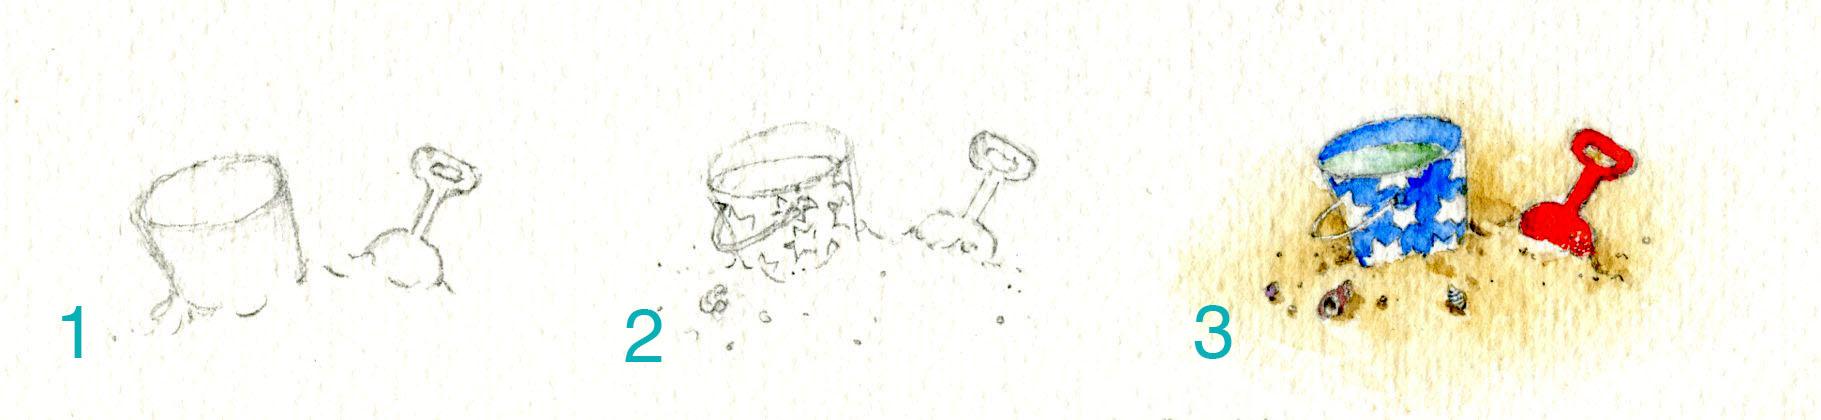 Pail and shovel watercolor  vignette